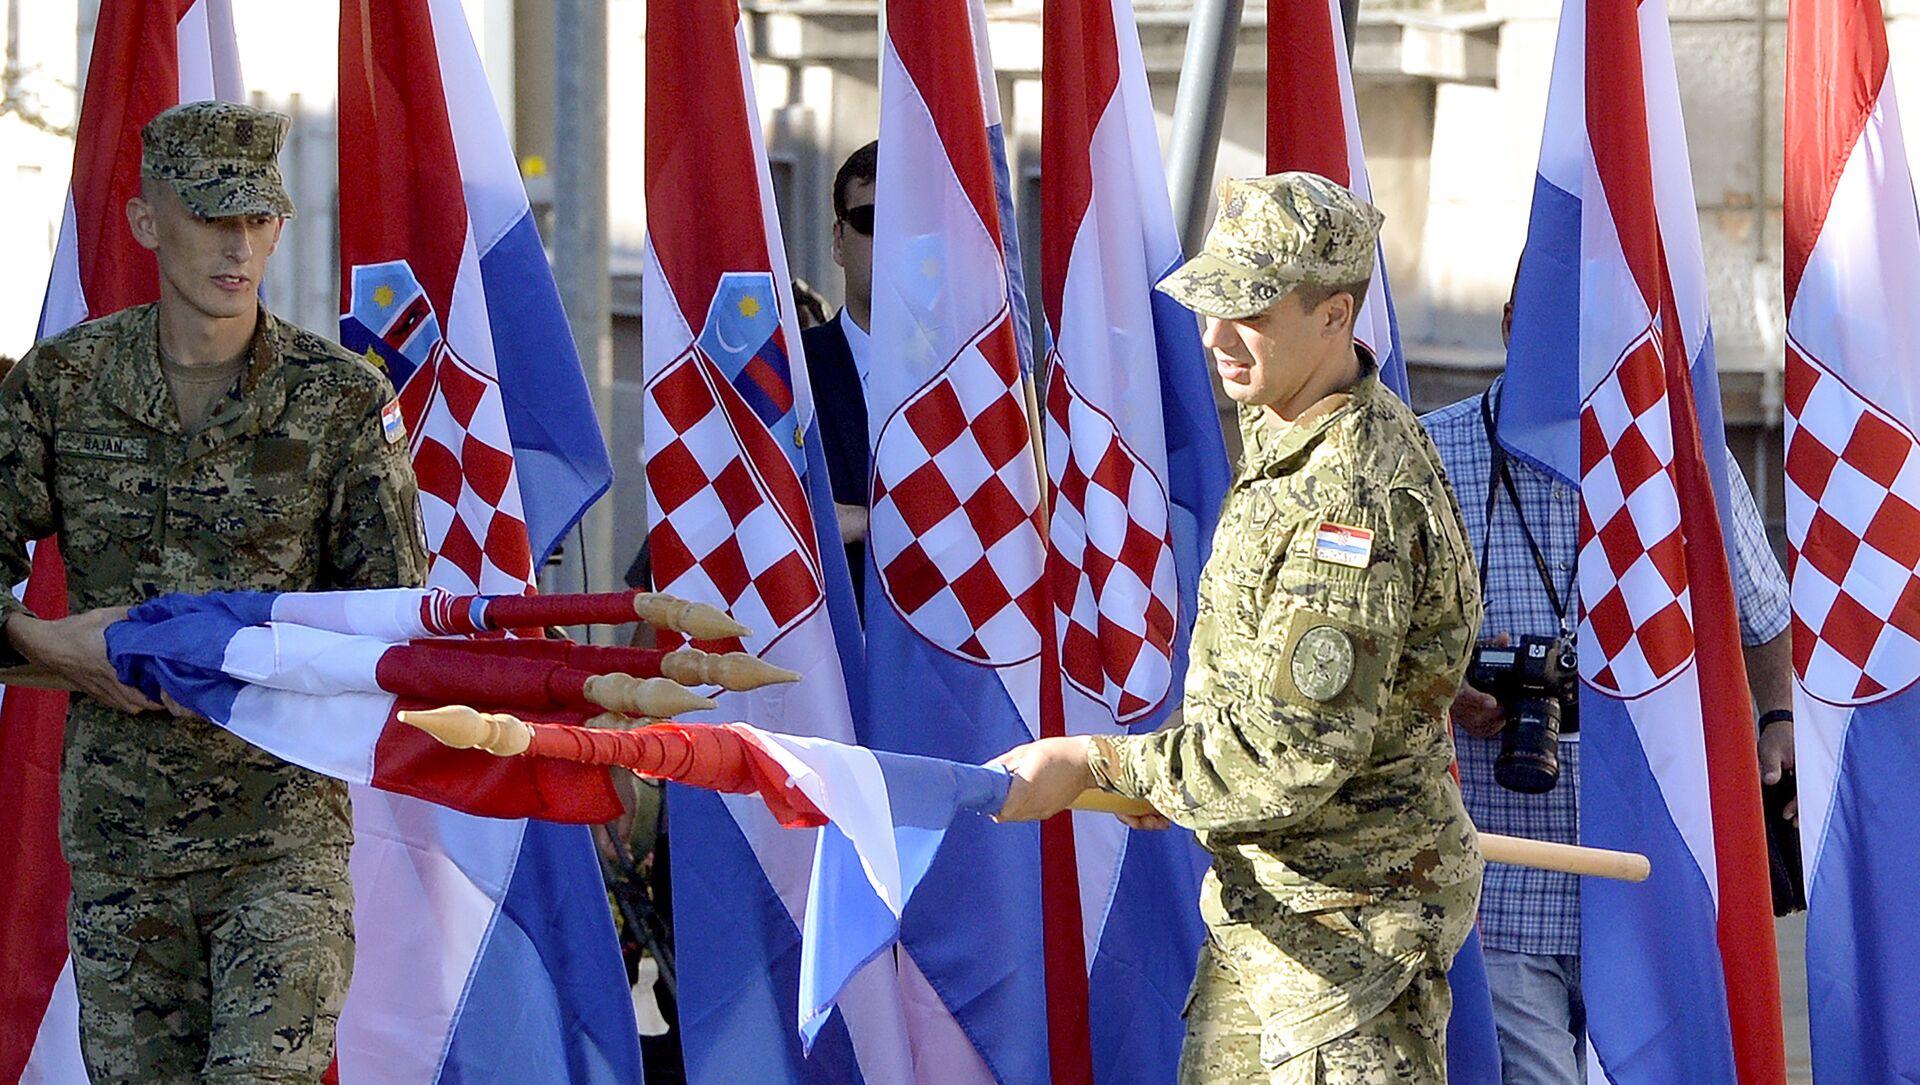 Podizanjem šahovnice na tvrđavi u Kninu je počela centralna proslava Dana pobede i domovinske zahvalnosti - Sputnik Srbija, 1920, 06.05.2021